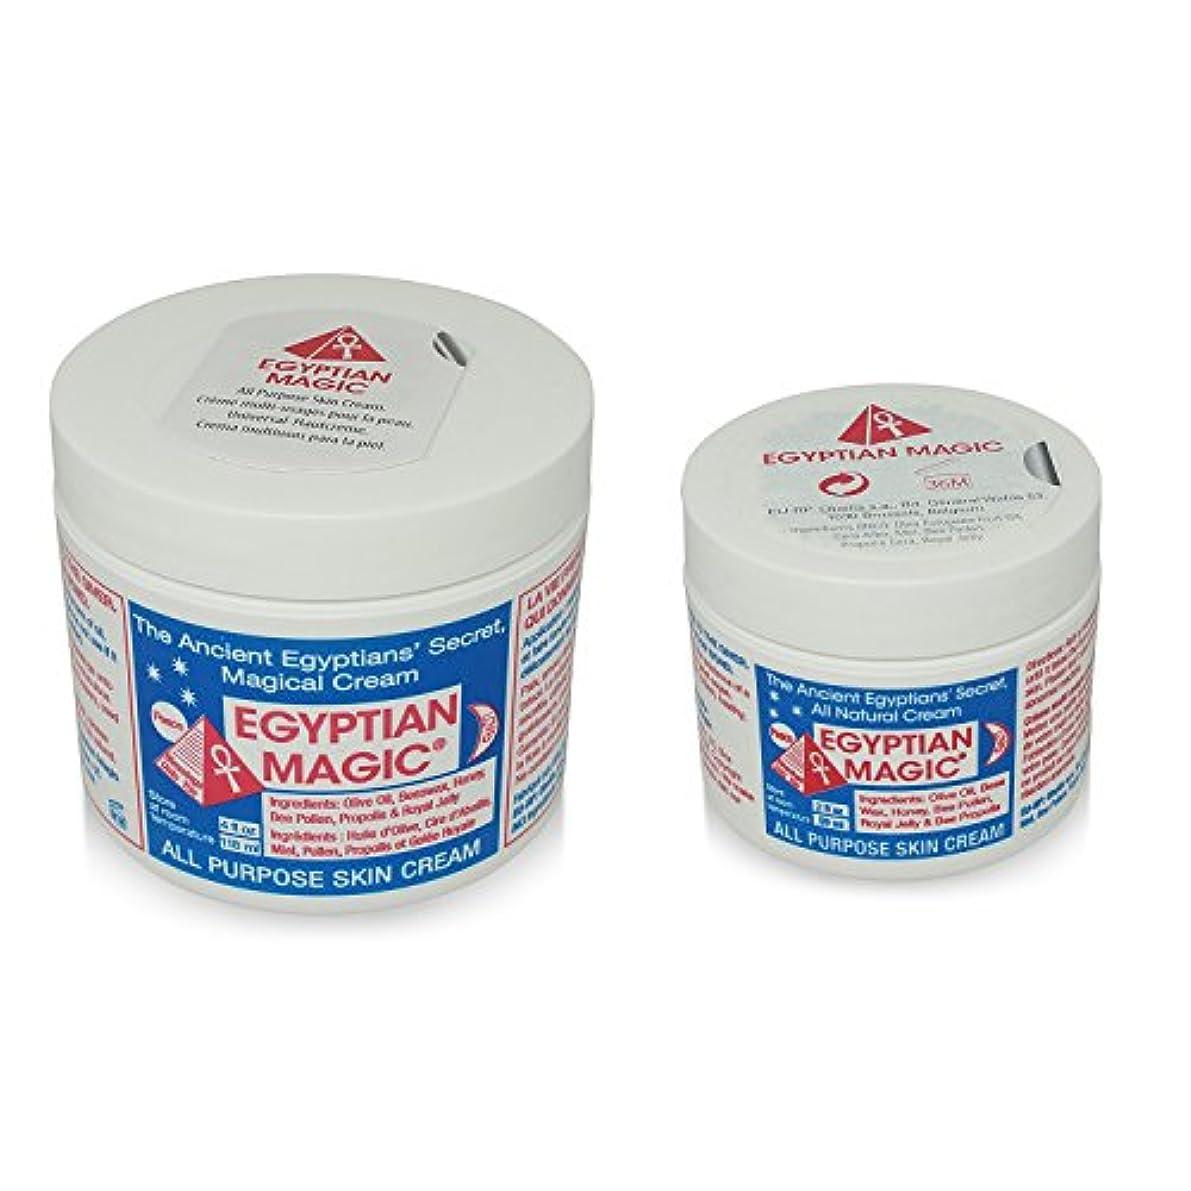 バランスのとれたボーダー展示会Egyptian Magic Skin Cream エジプシャンマジッククリーム  (118ml)と(59ml)の2個セット